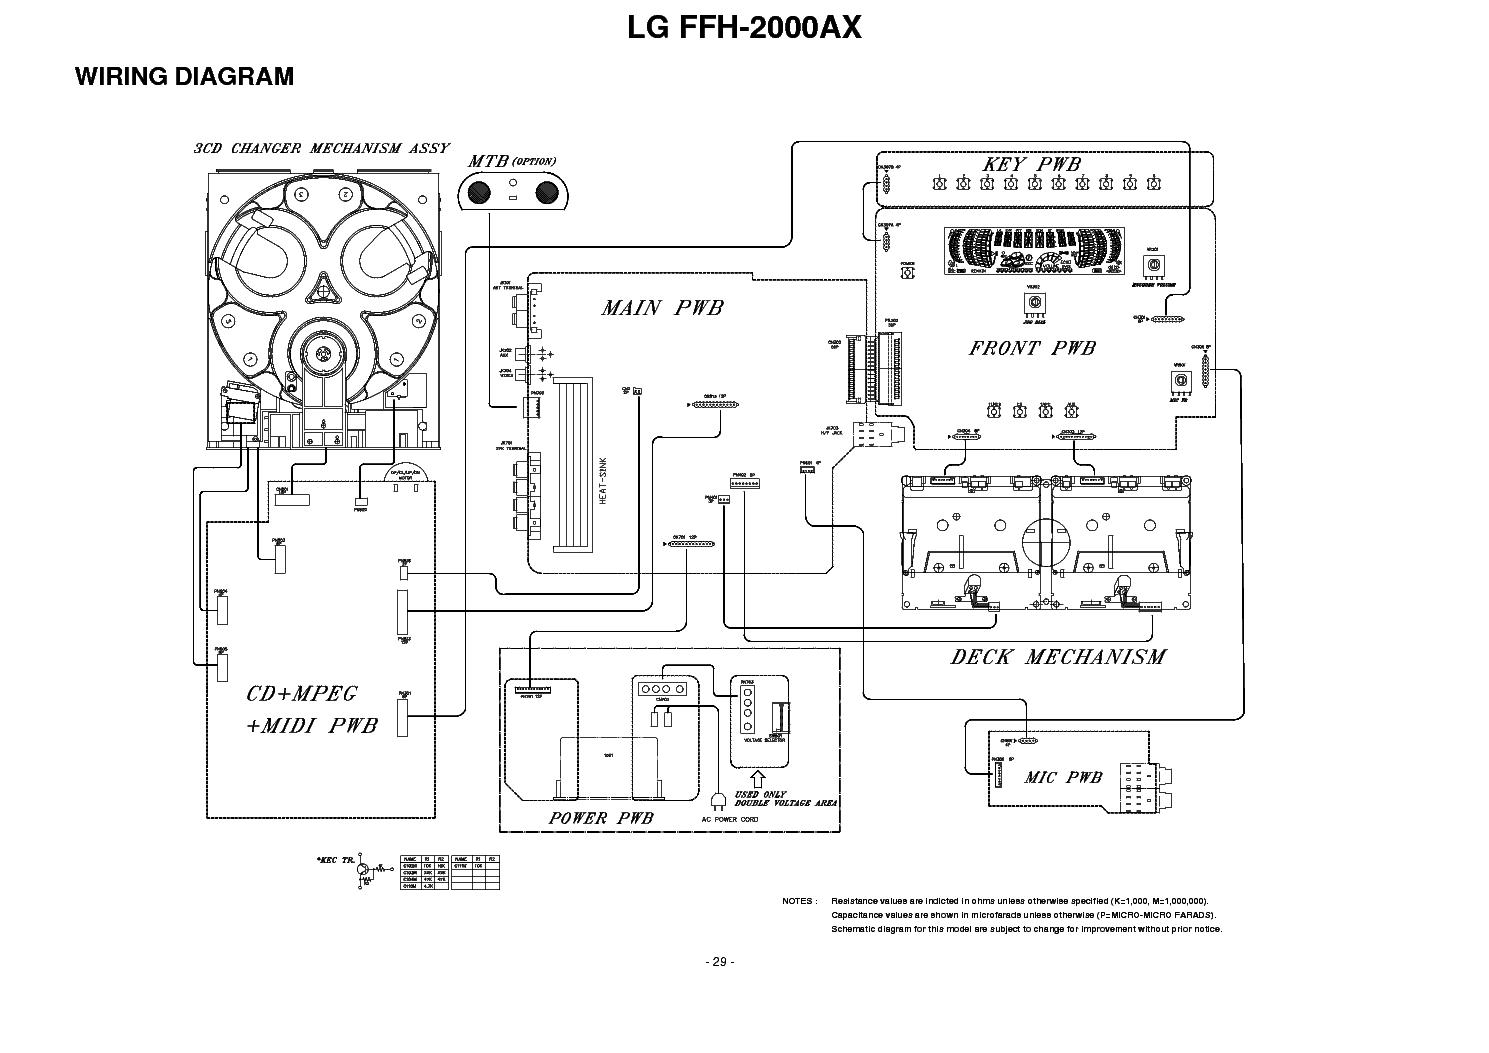 инструкция музыкальный центр lg ffh-2000k